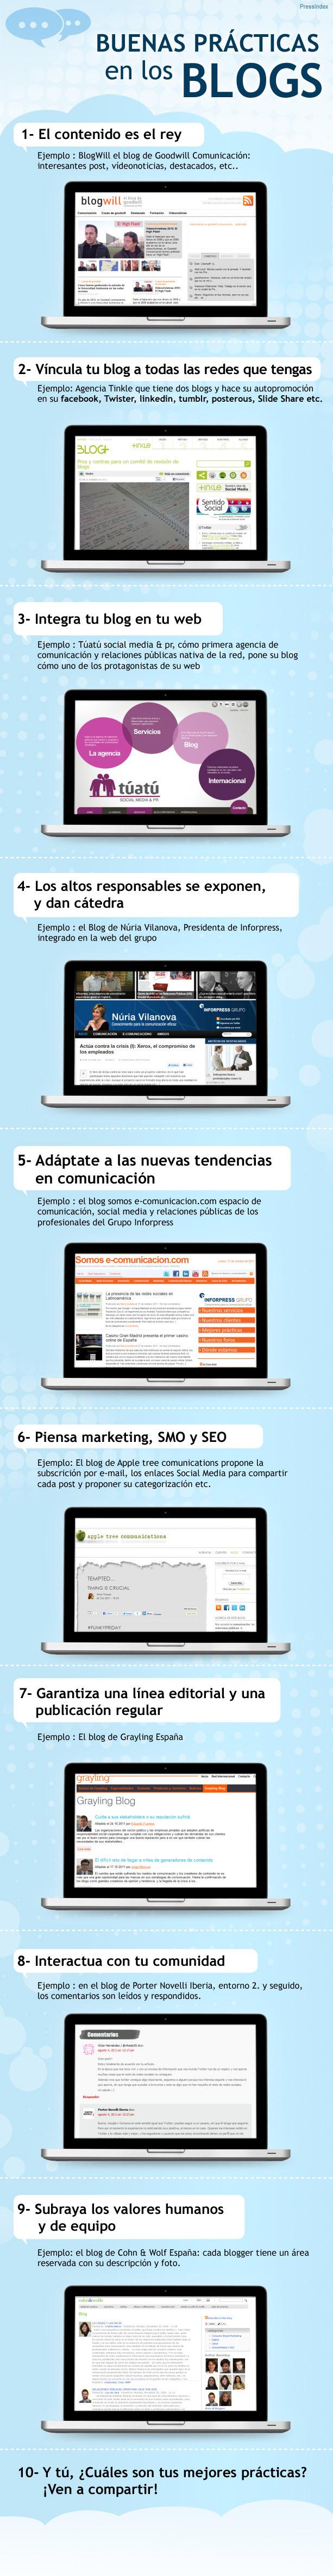 XX9 buenas prácticas para tu blog que debes saber #infografía